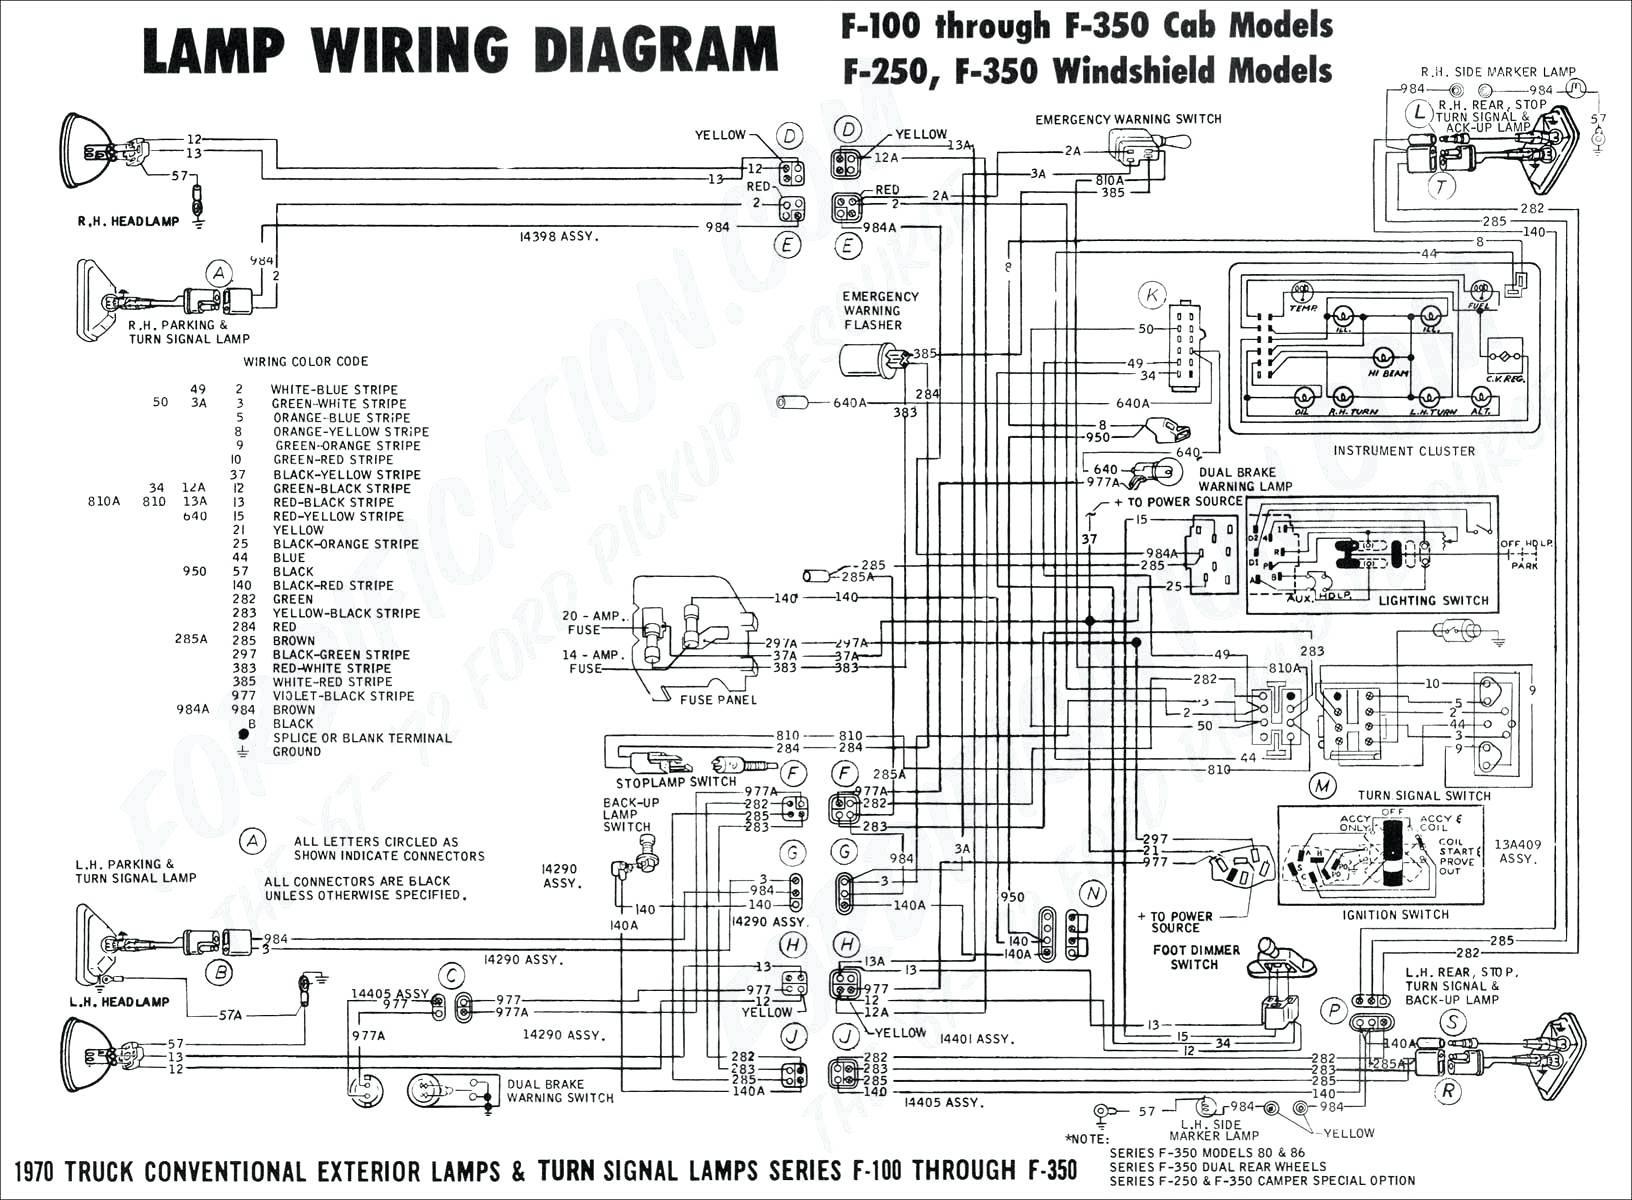 2001 Honda Civic Engine Diagram 2001 F53 Fuse Diagram Data Schematics Wiring Diagram • Of 2001 Honda Civic Engine Diagram